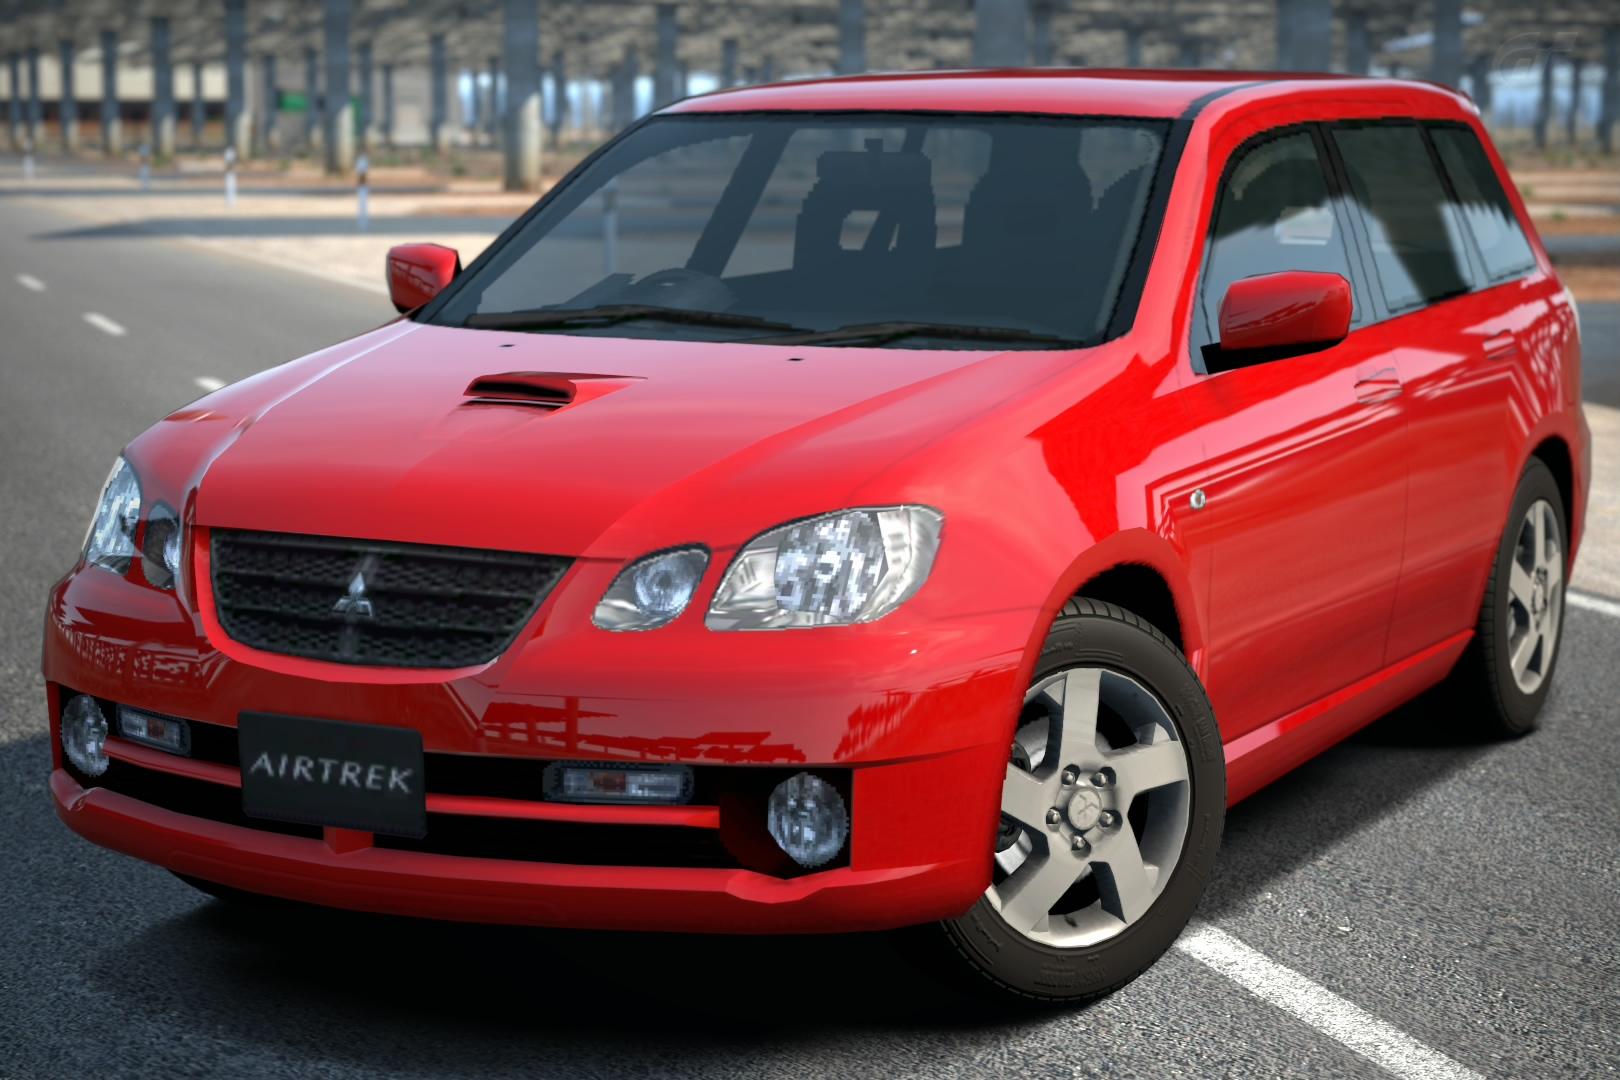 Mitsubishi Airtrek Turbo R 02 Gran Turismo Wiki Fandom Powered